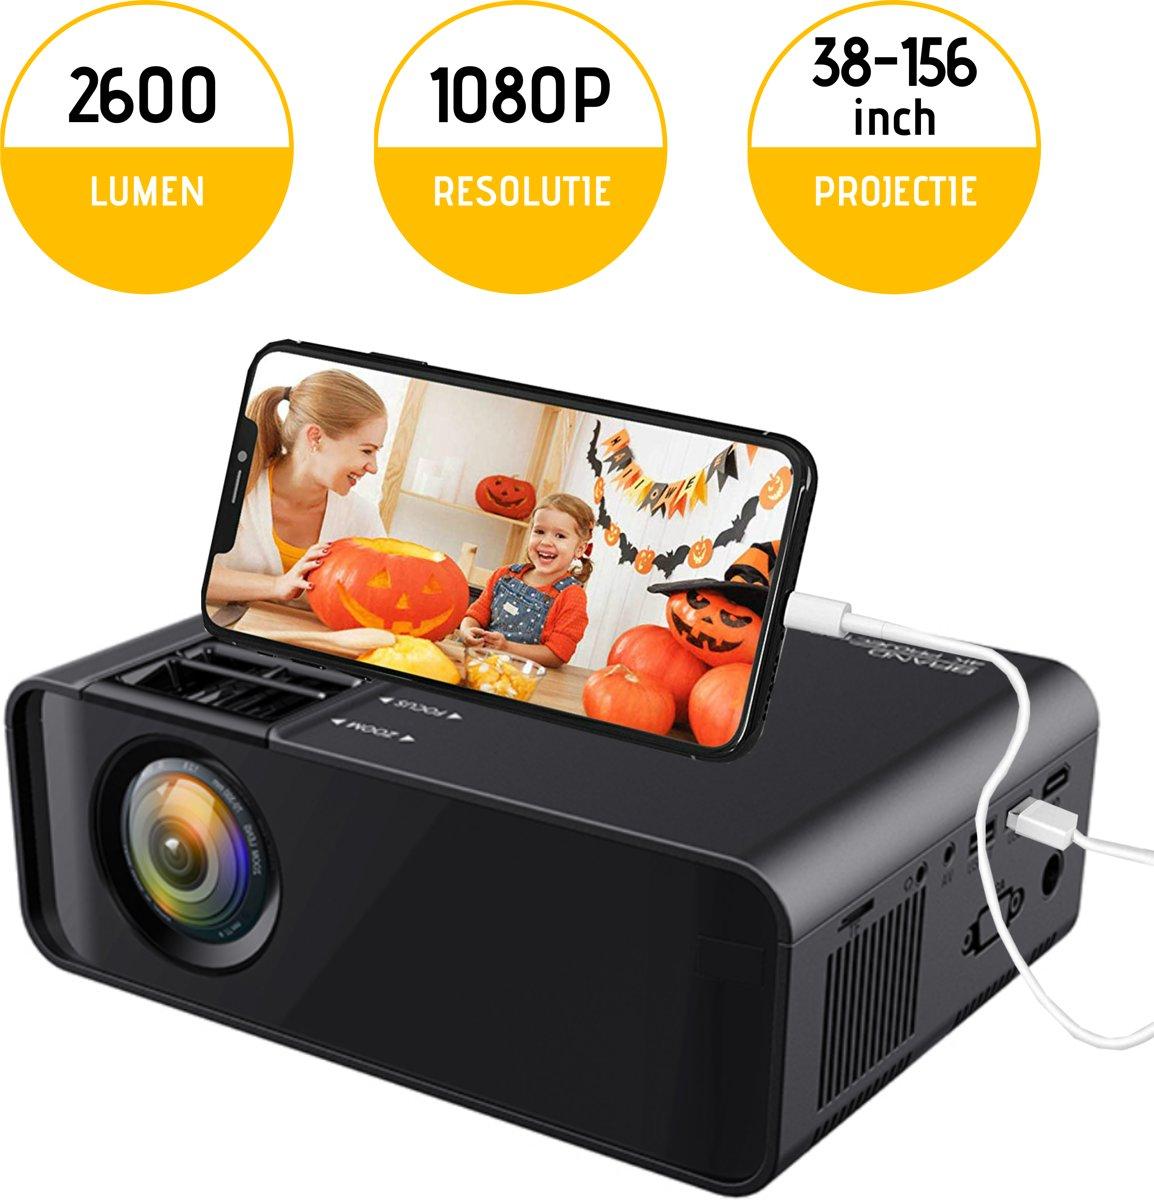 Mini Beamer met Telefoonaansluiting - Miniprojector - Videoprojector - Projector kopen